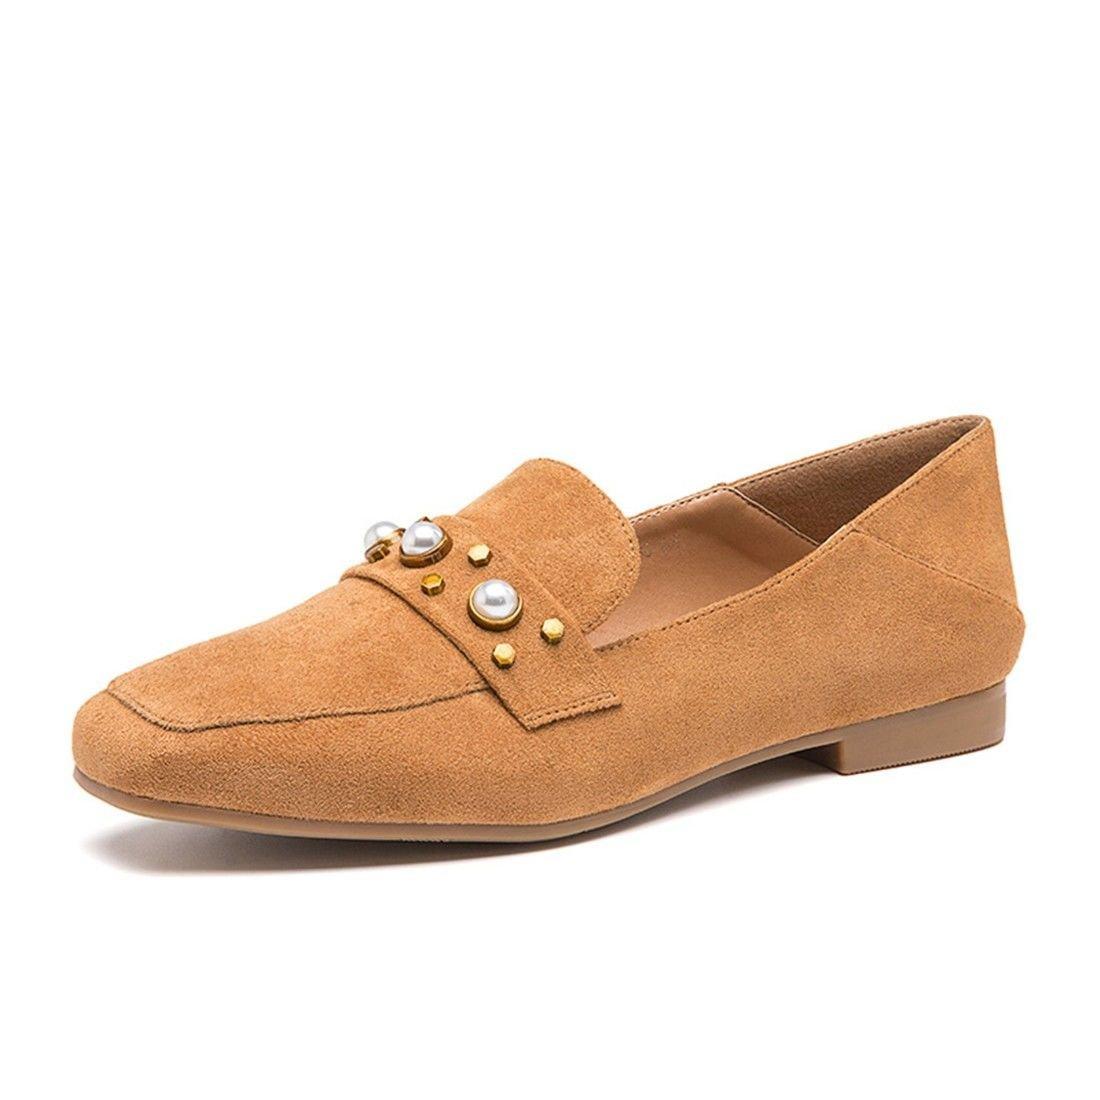 WXMDDN Chaussures pour Printemps Femmes Printemps Europe Chaussures et en Amérique rétro avec Les étudiants avec des Chaussures Plates rétro Chaussures décontractées Jaune 609e161 - epictionpvp.space